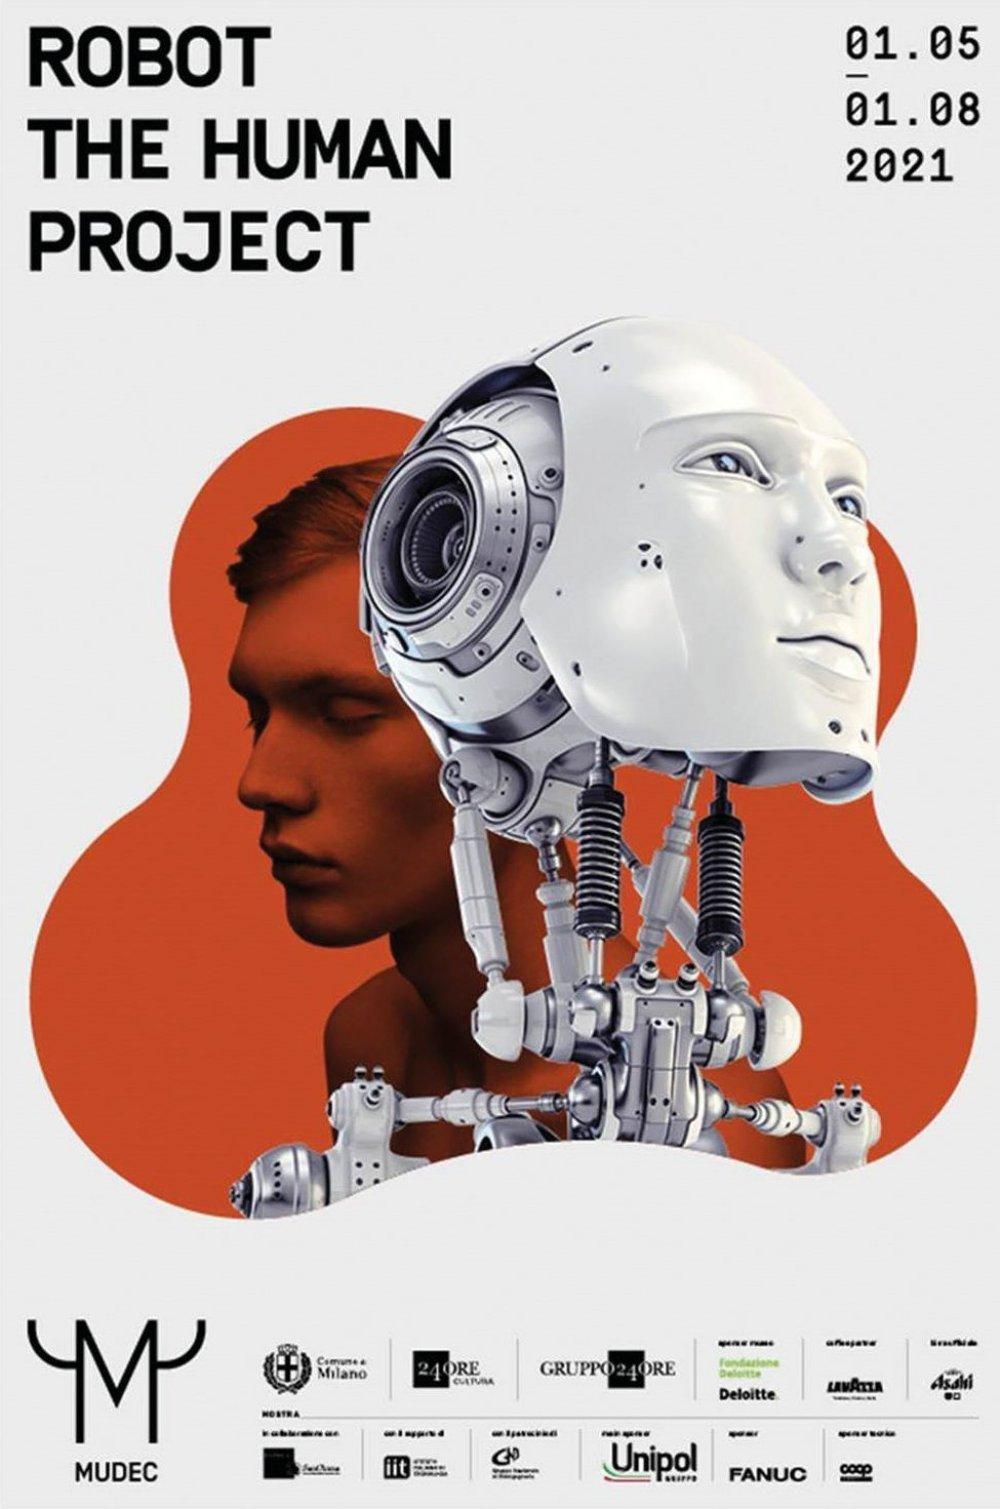 FANUC porta al MUDEC il robot CRX-10iA: nuovo paradigma del rapporto tra uomo e macchina